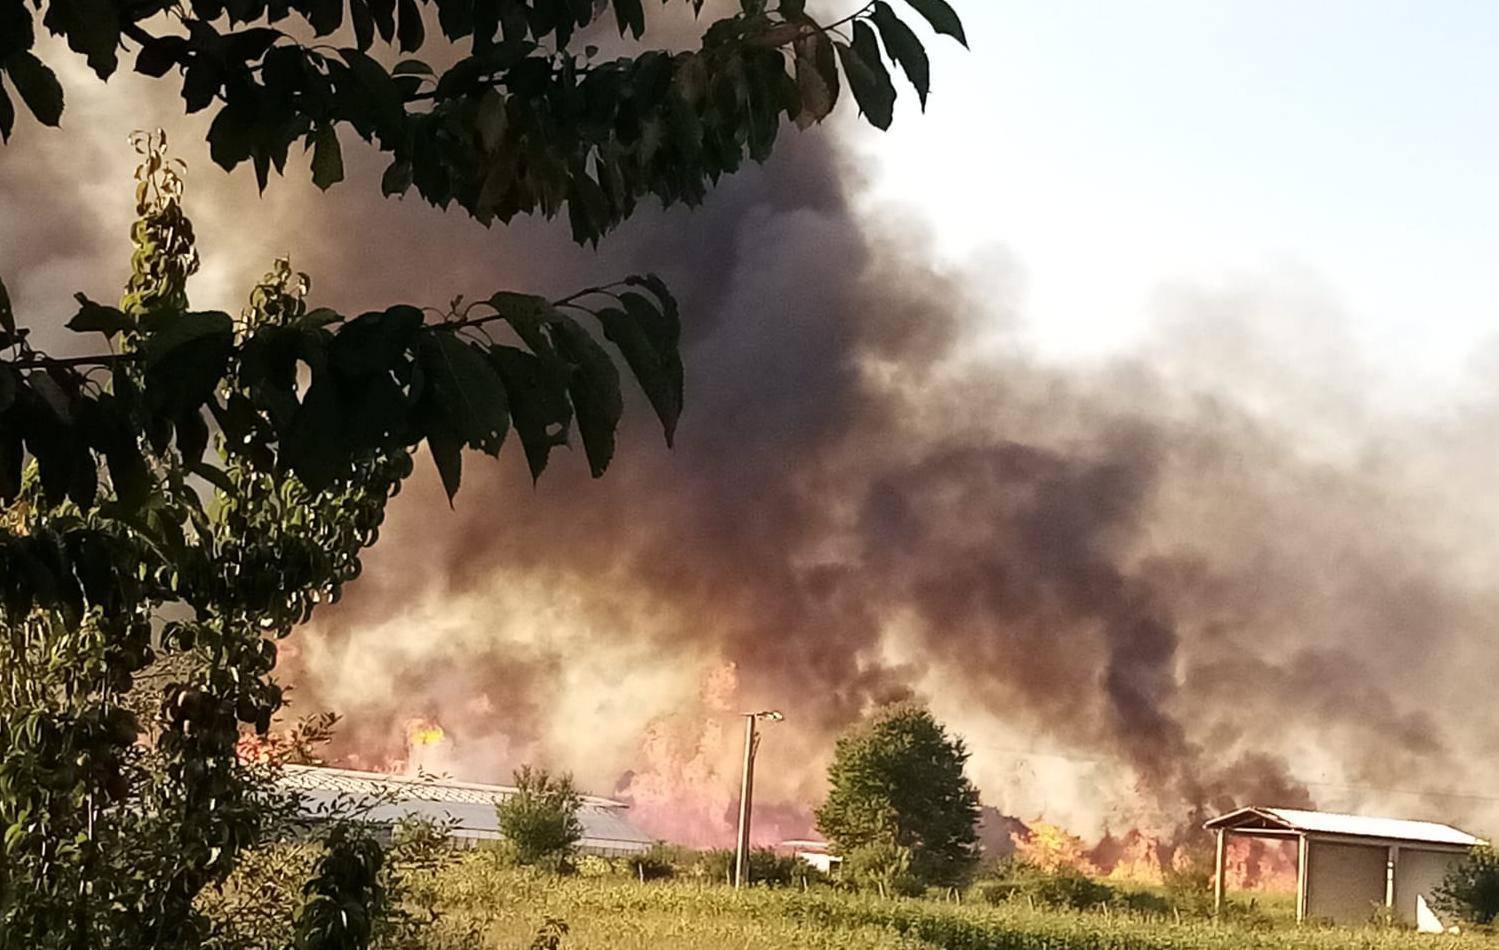 'Vjetar razbuktao vatru, došla je do ceste, a dim skroz do kuća'